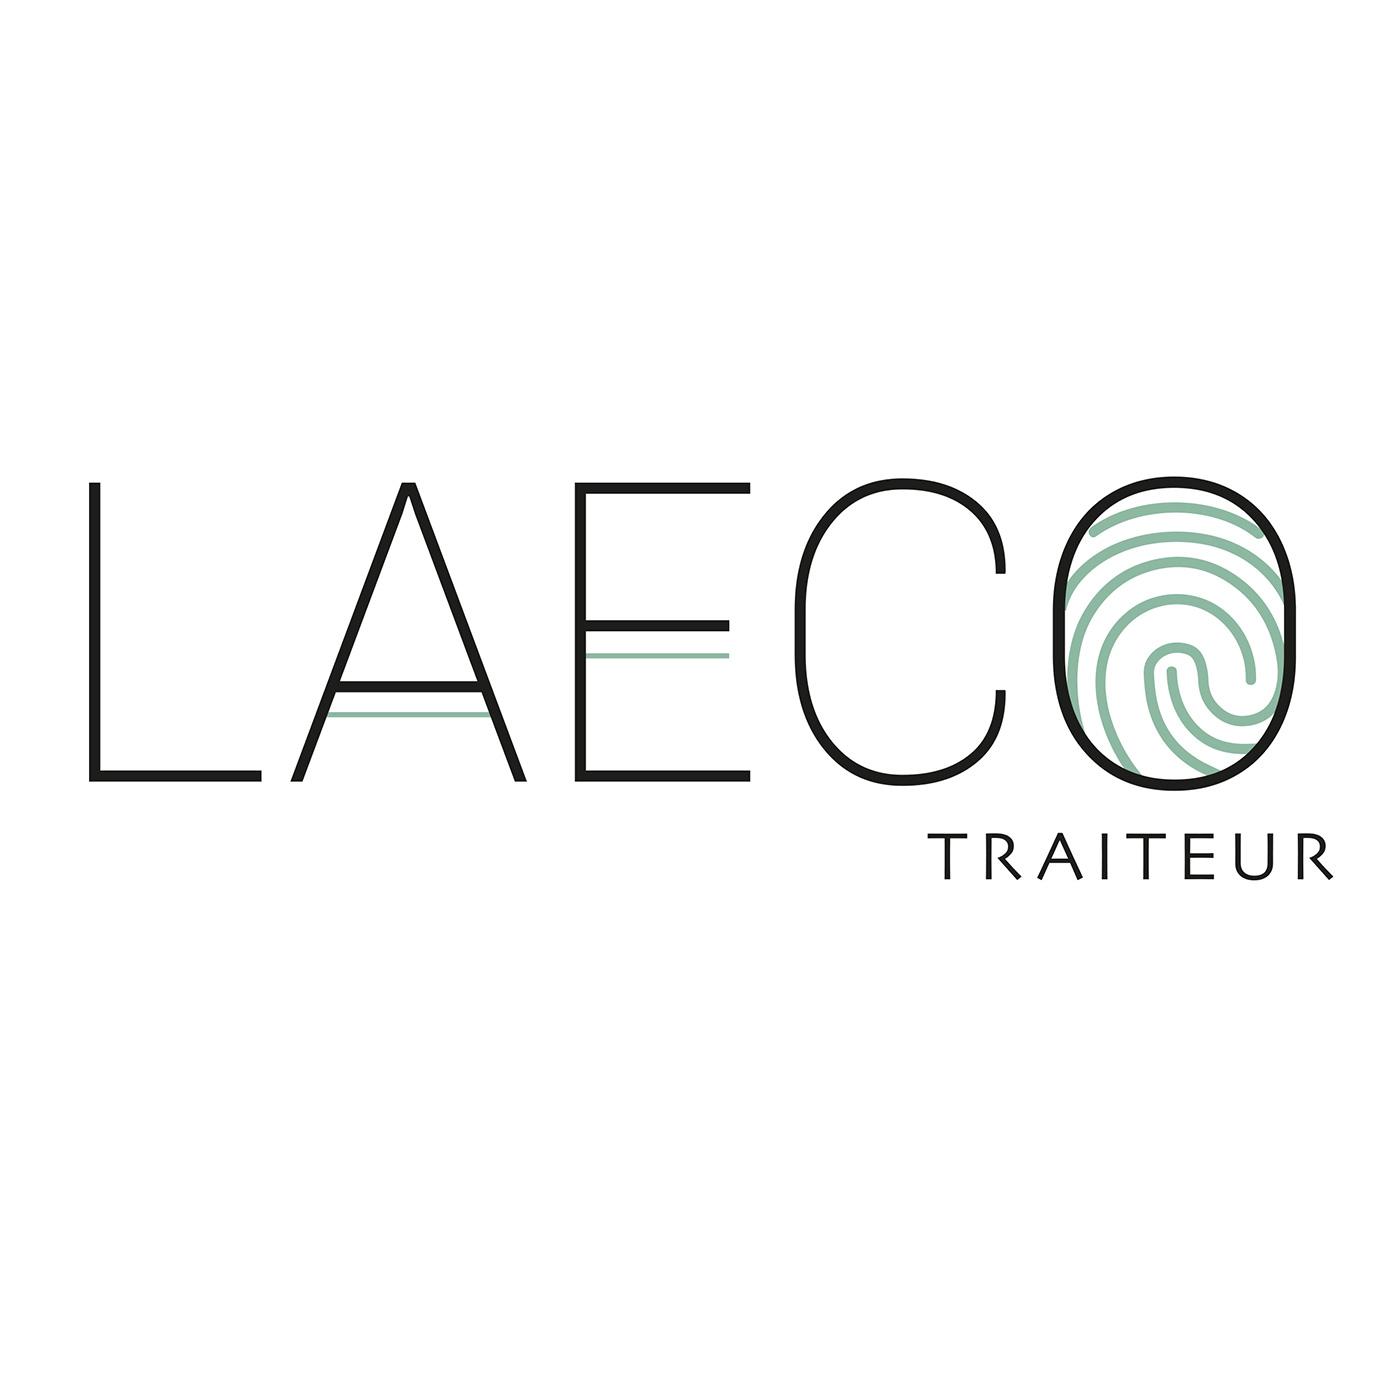 LAECO Traiteur